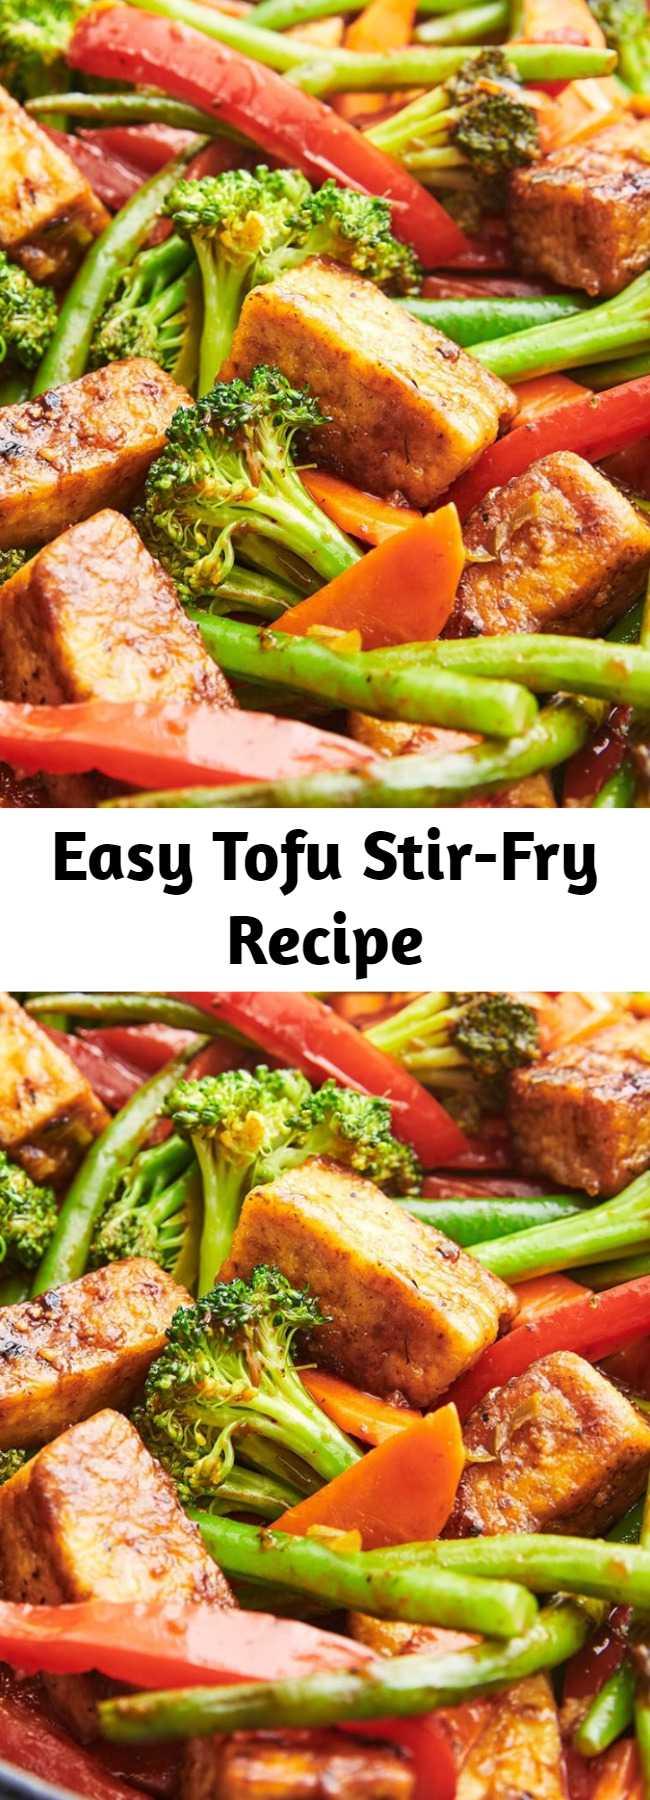 Easy Tofu Stir-Fry Recipe